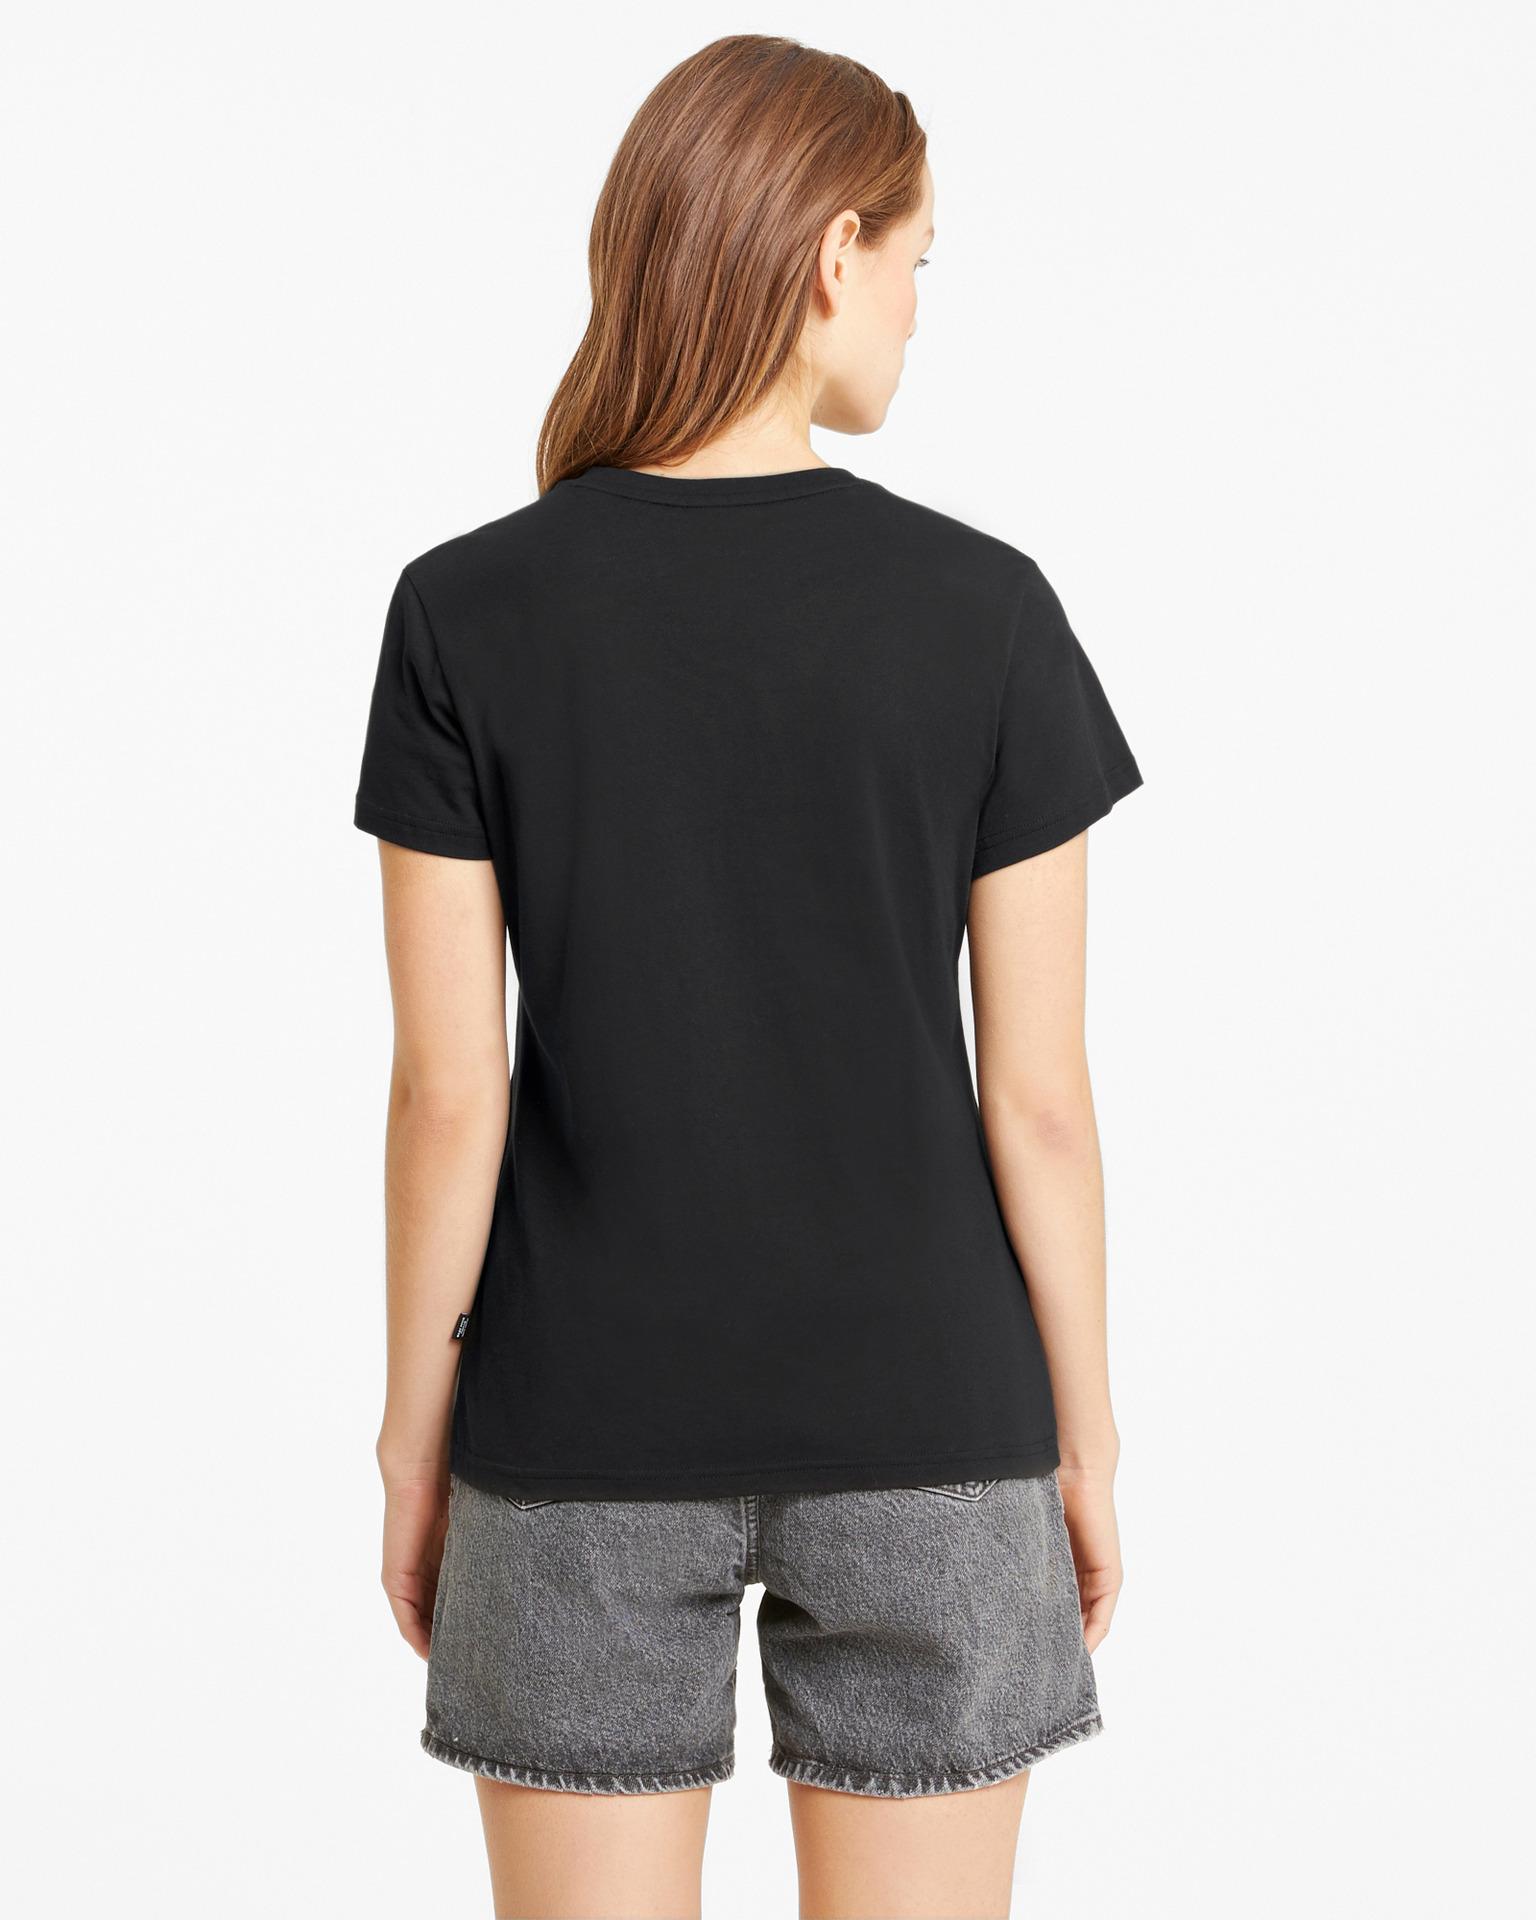 Puma černé dámské tričko Heart